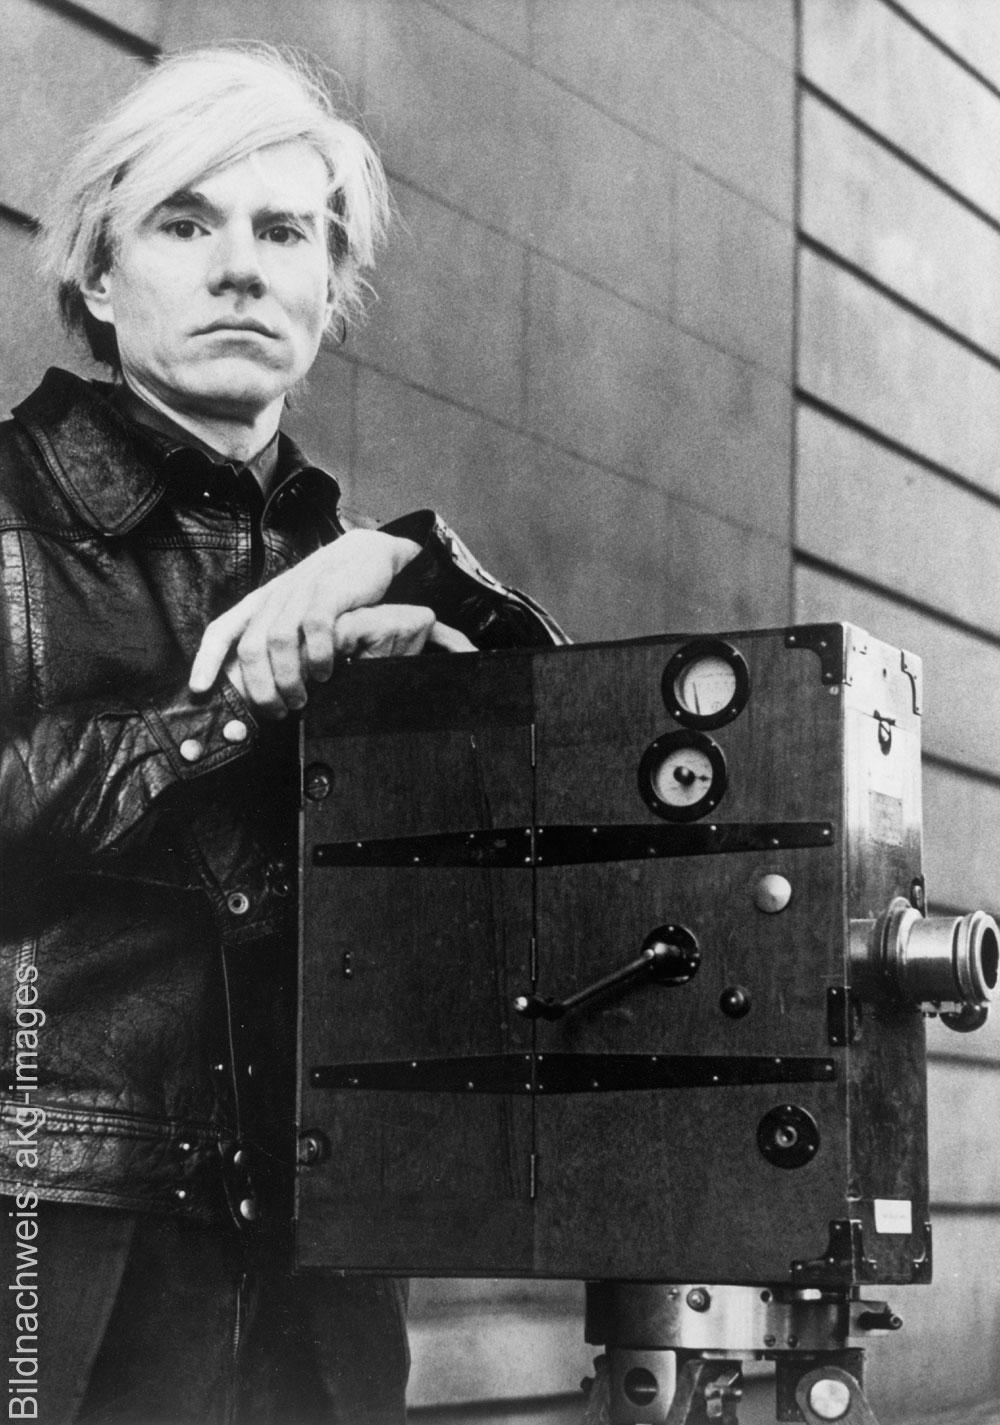 Porträt des Künstlers Andy Warhol